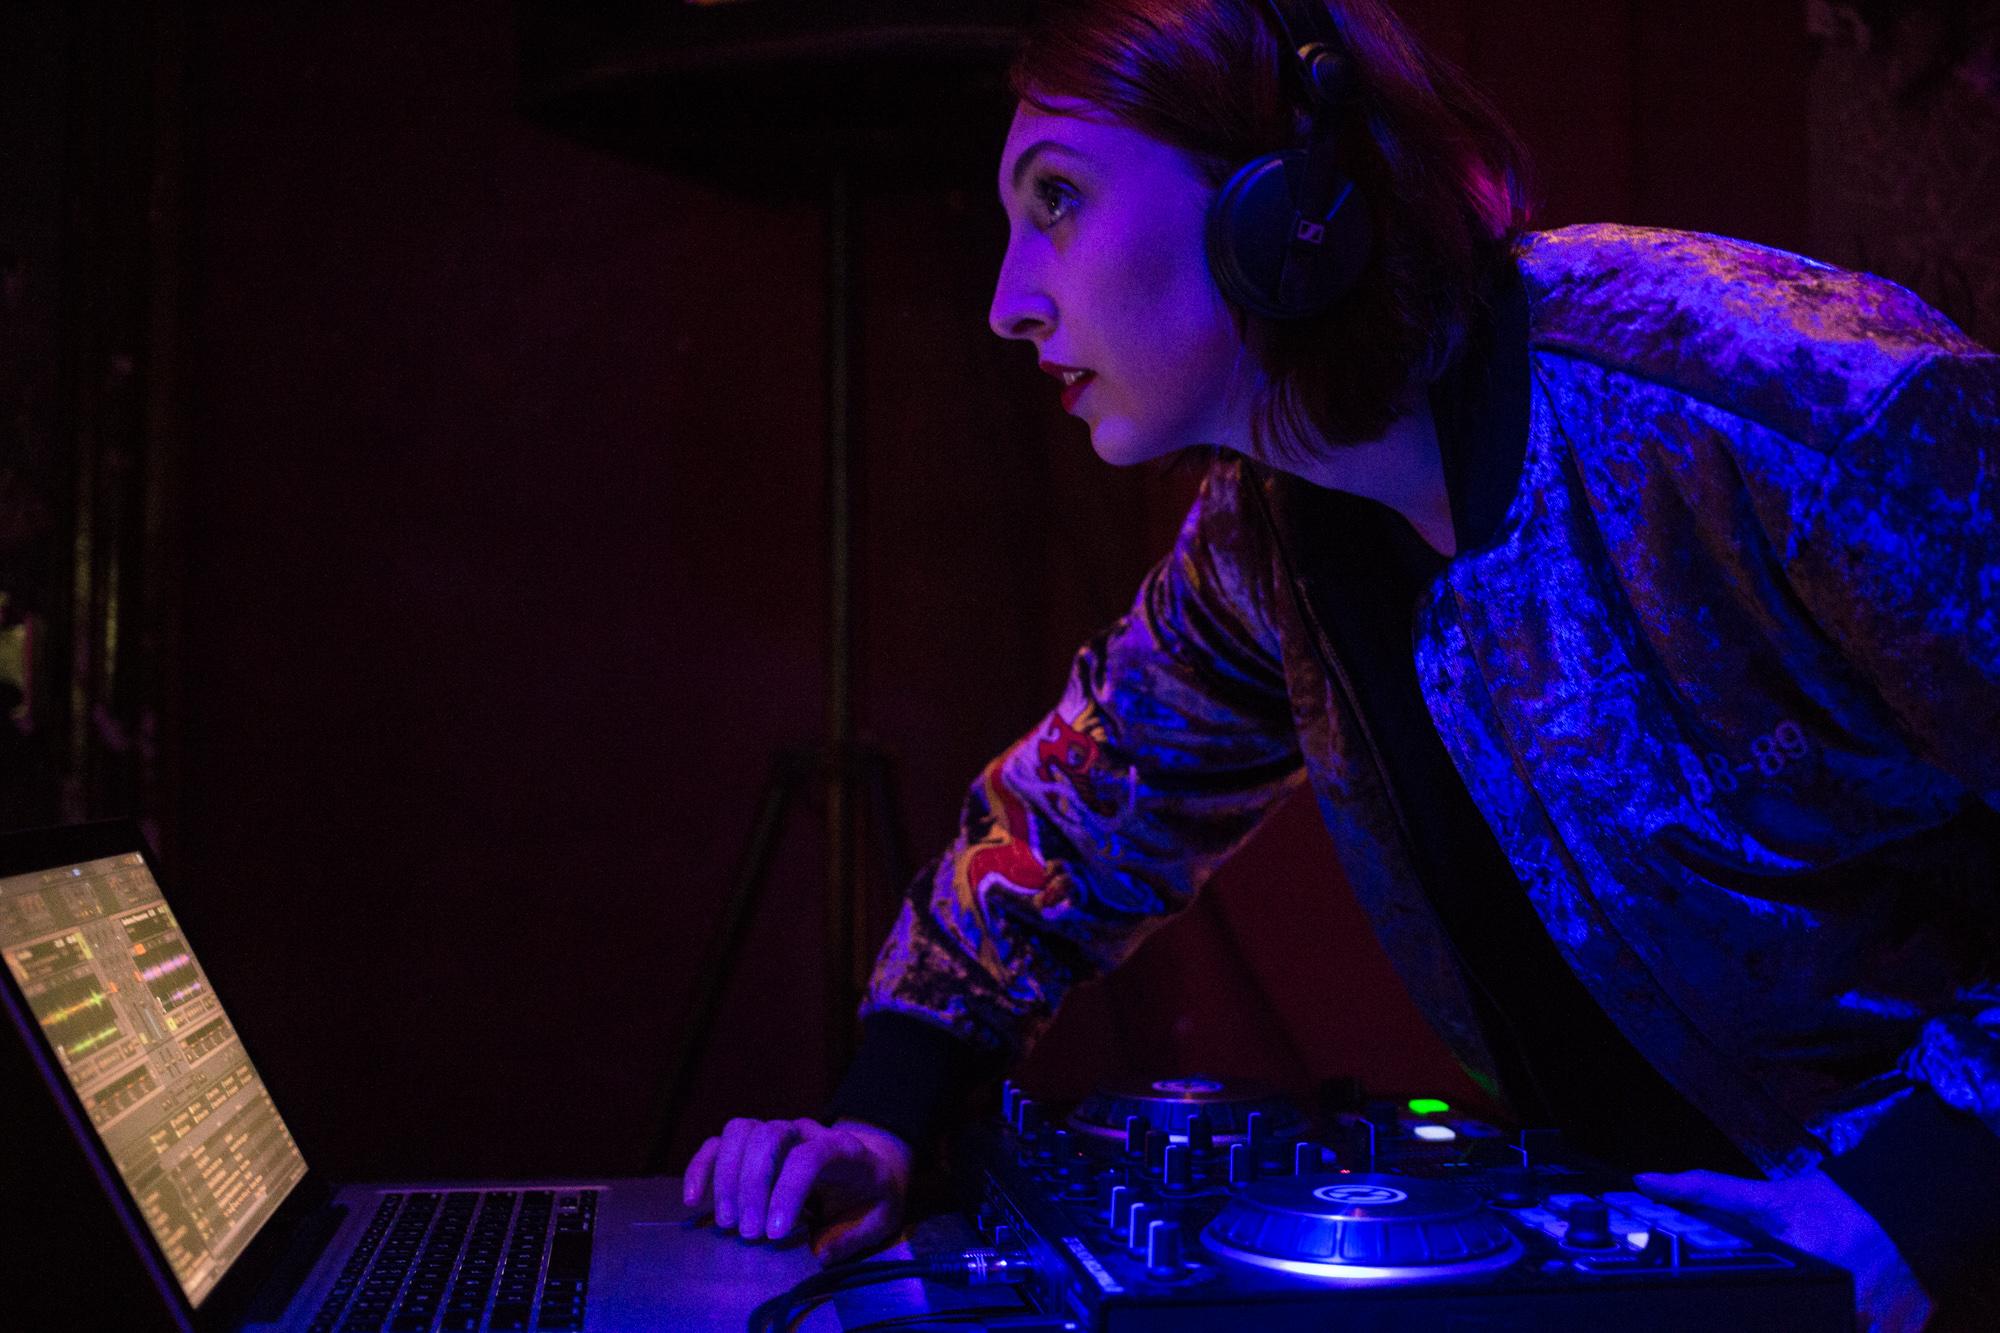 Evento de mulheres na música